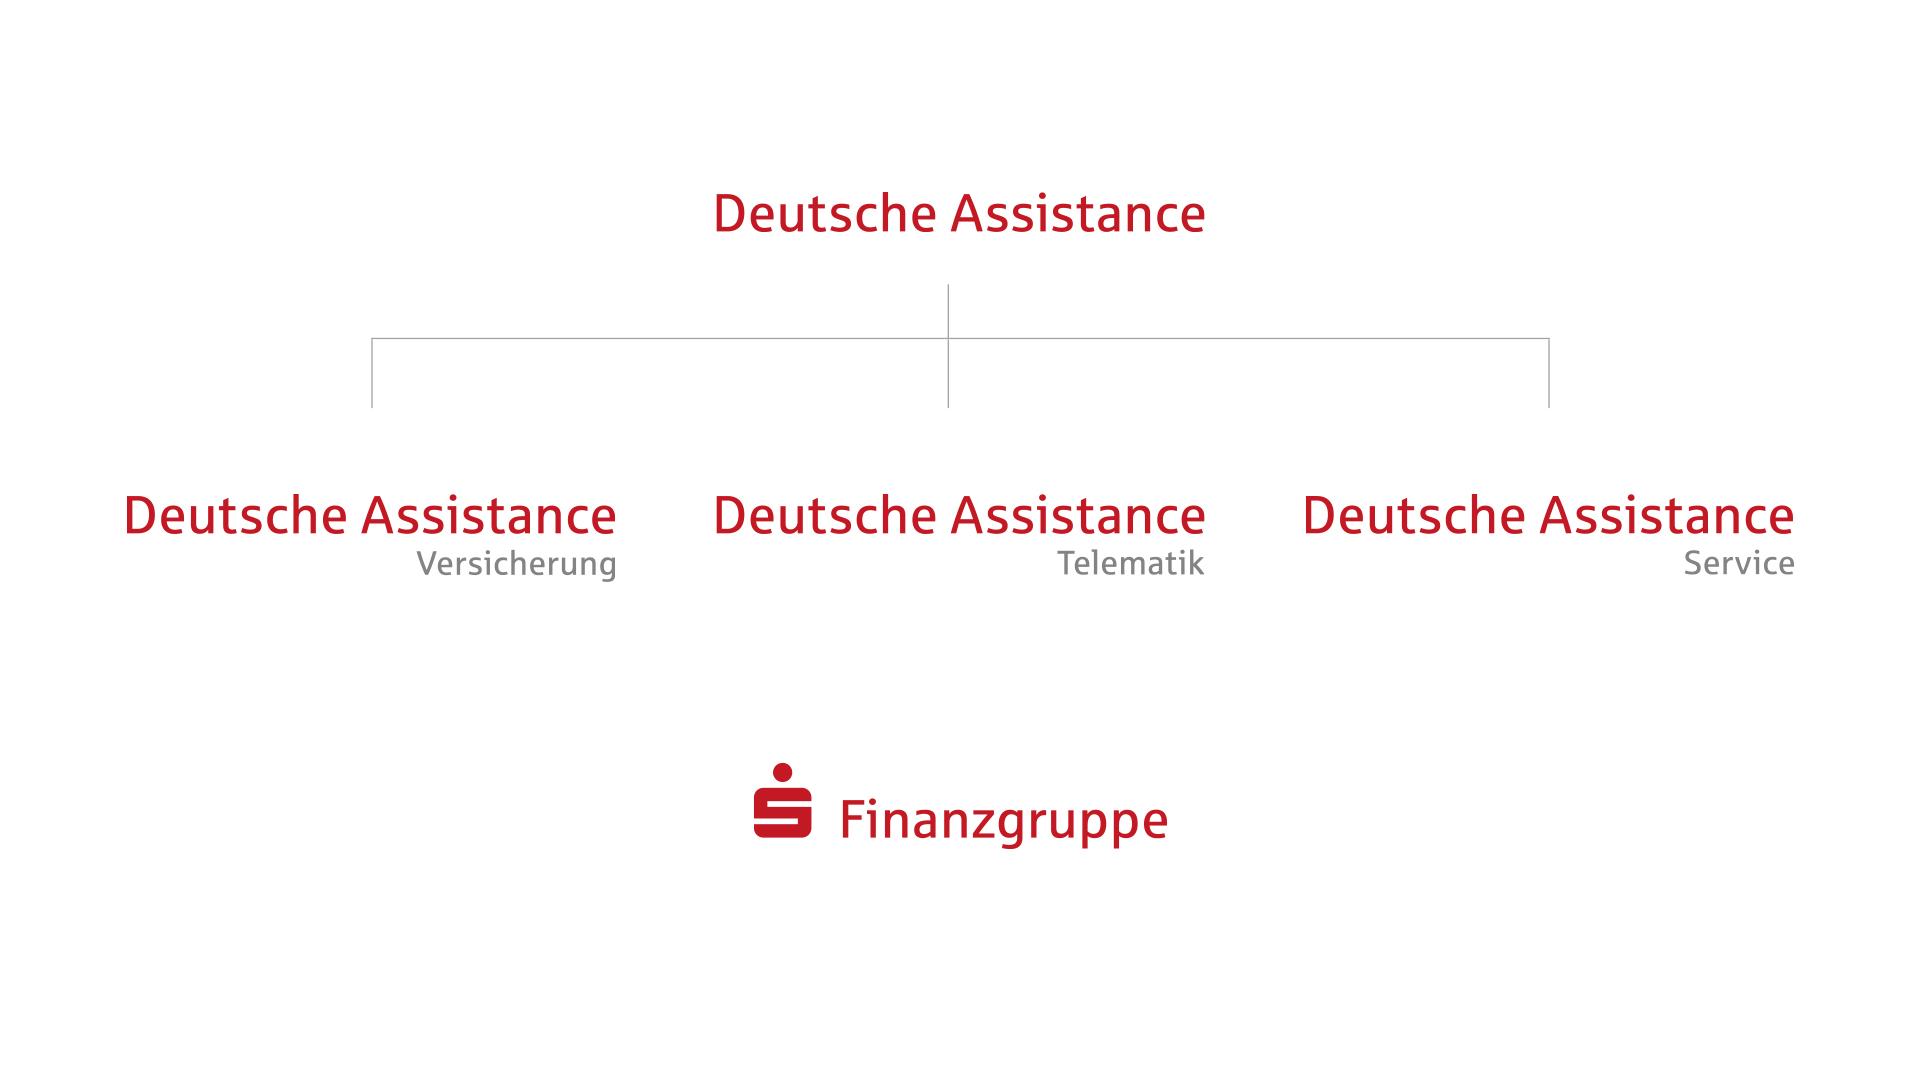 Deutsche Assistance Segmentierung Sparkassen Finanzgruppe